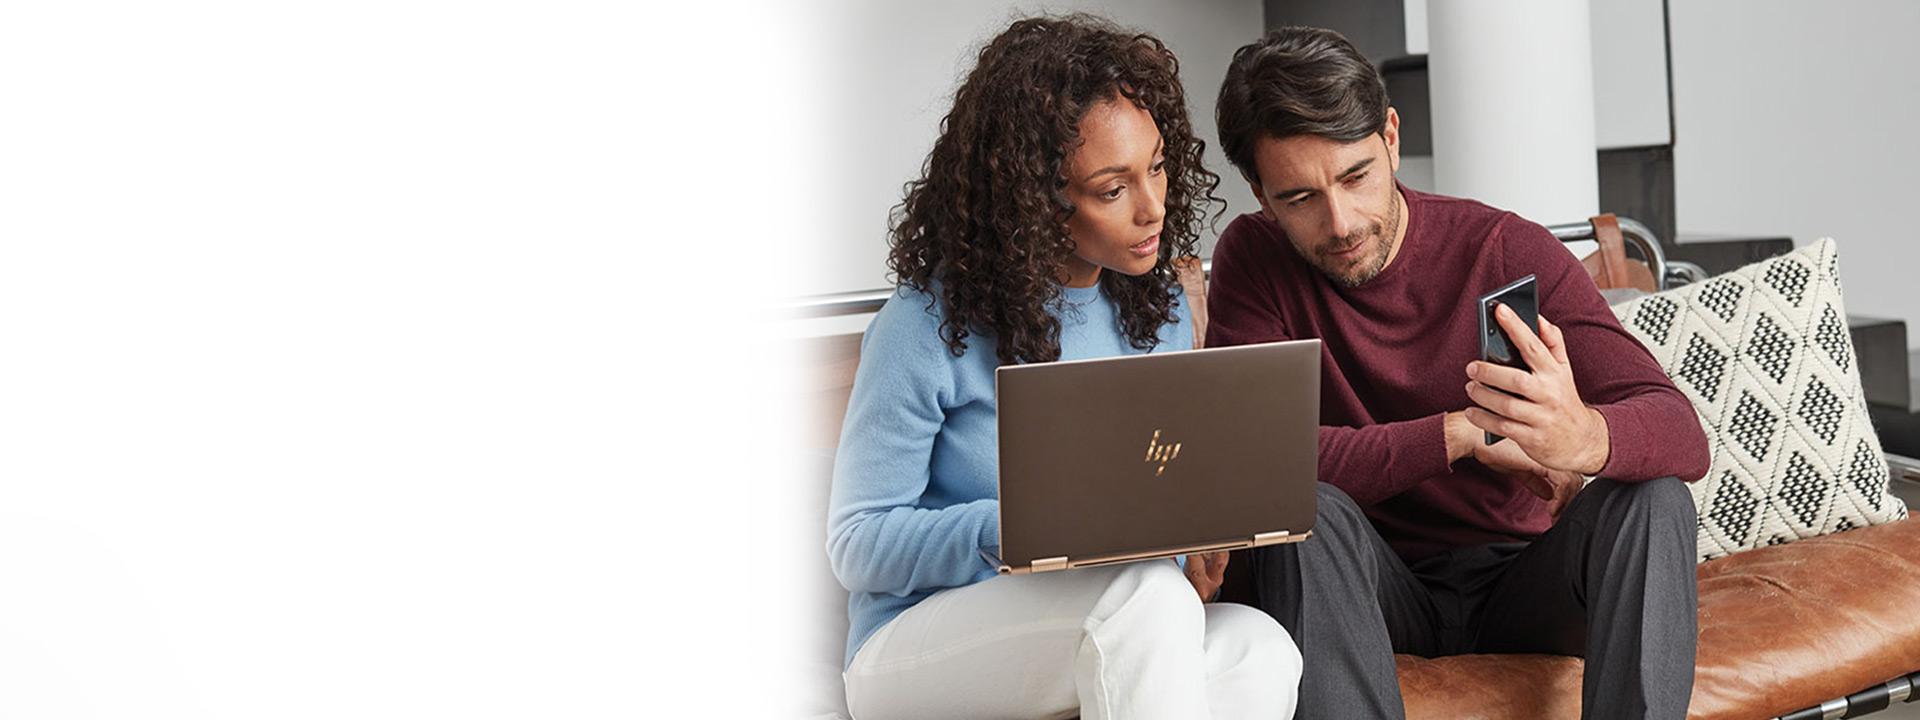 Une femme et un homme assis sur un canapé qui regardent ensemble un ordinateur portable Windows10 et appareil mobile